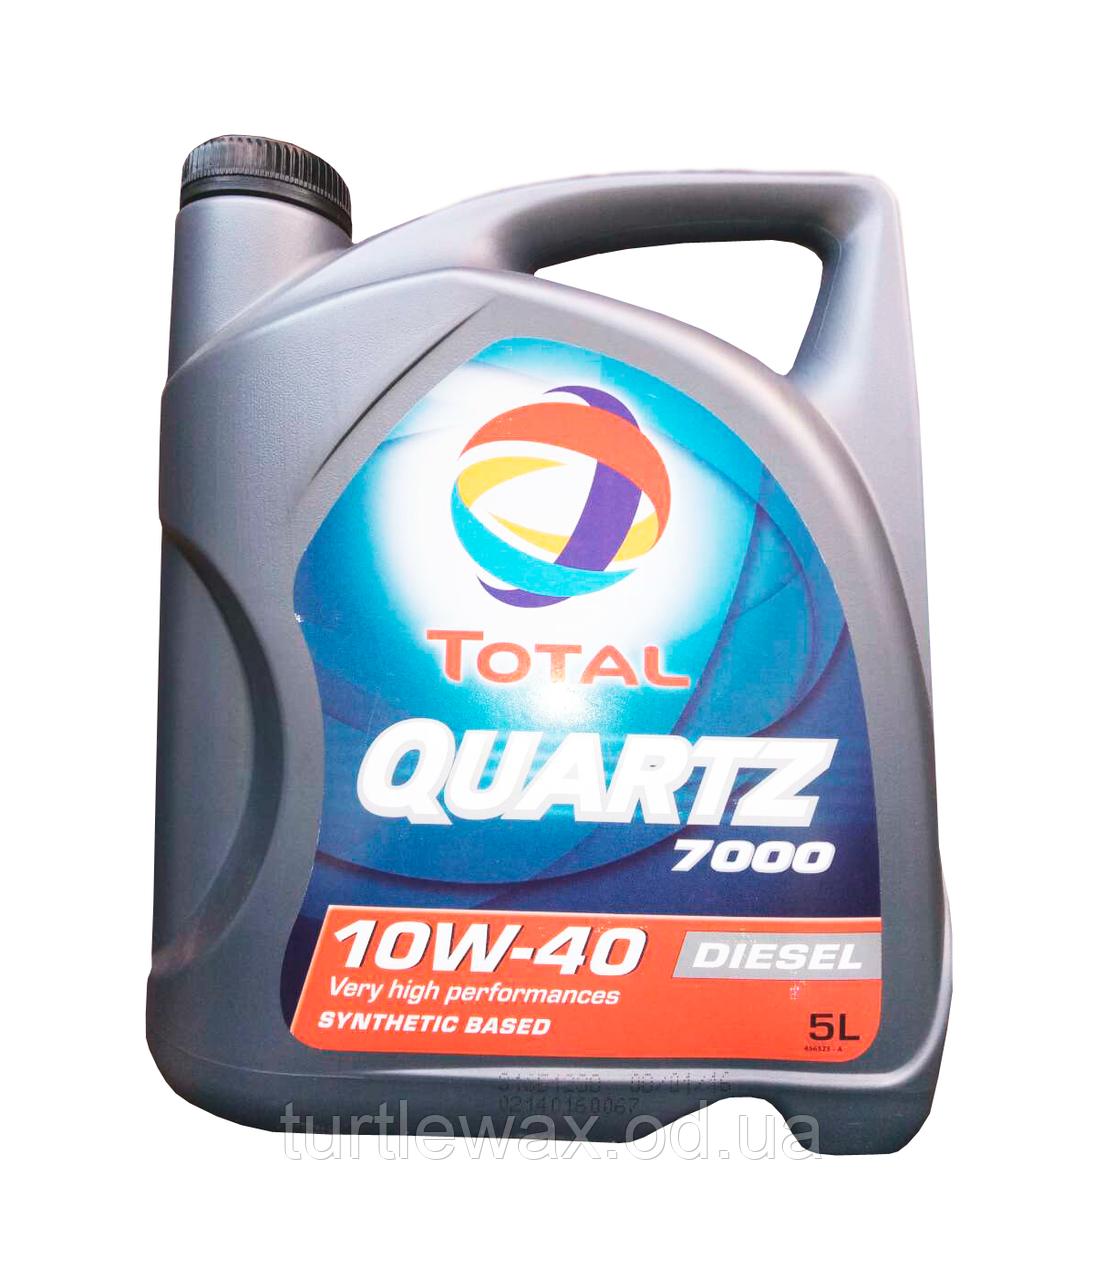 Масло моторное TOTAL QUARTZ Diesel 7000 10W-40, 5л